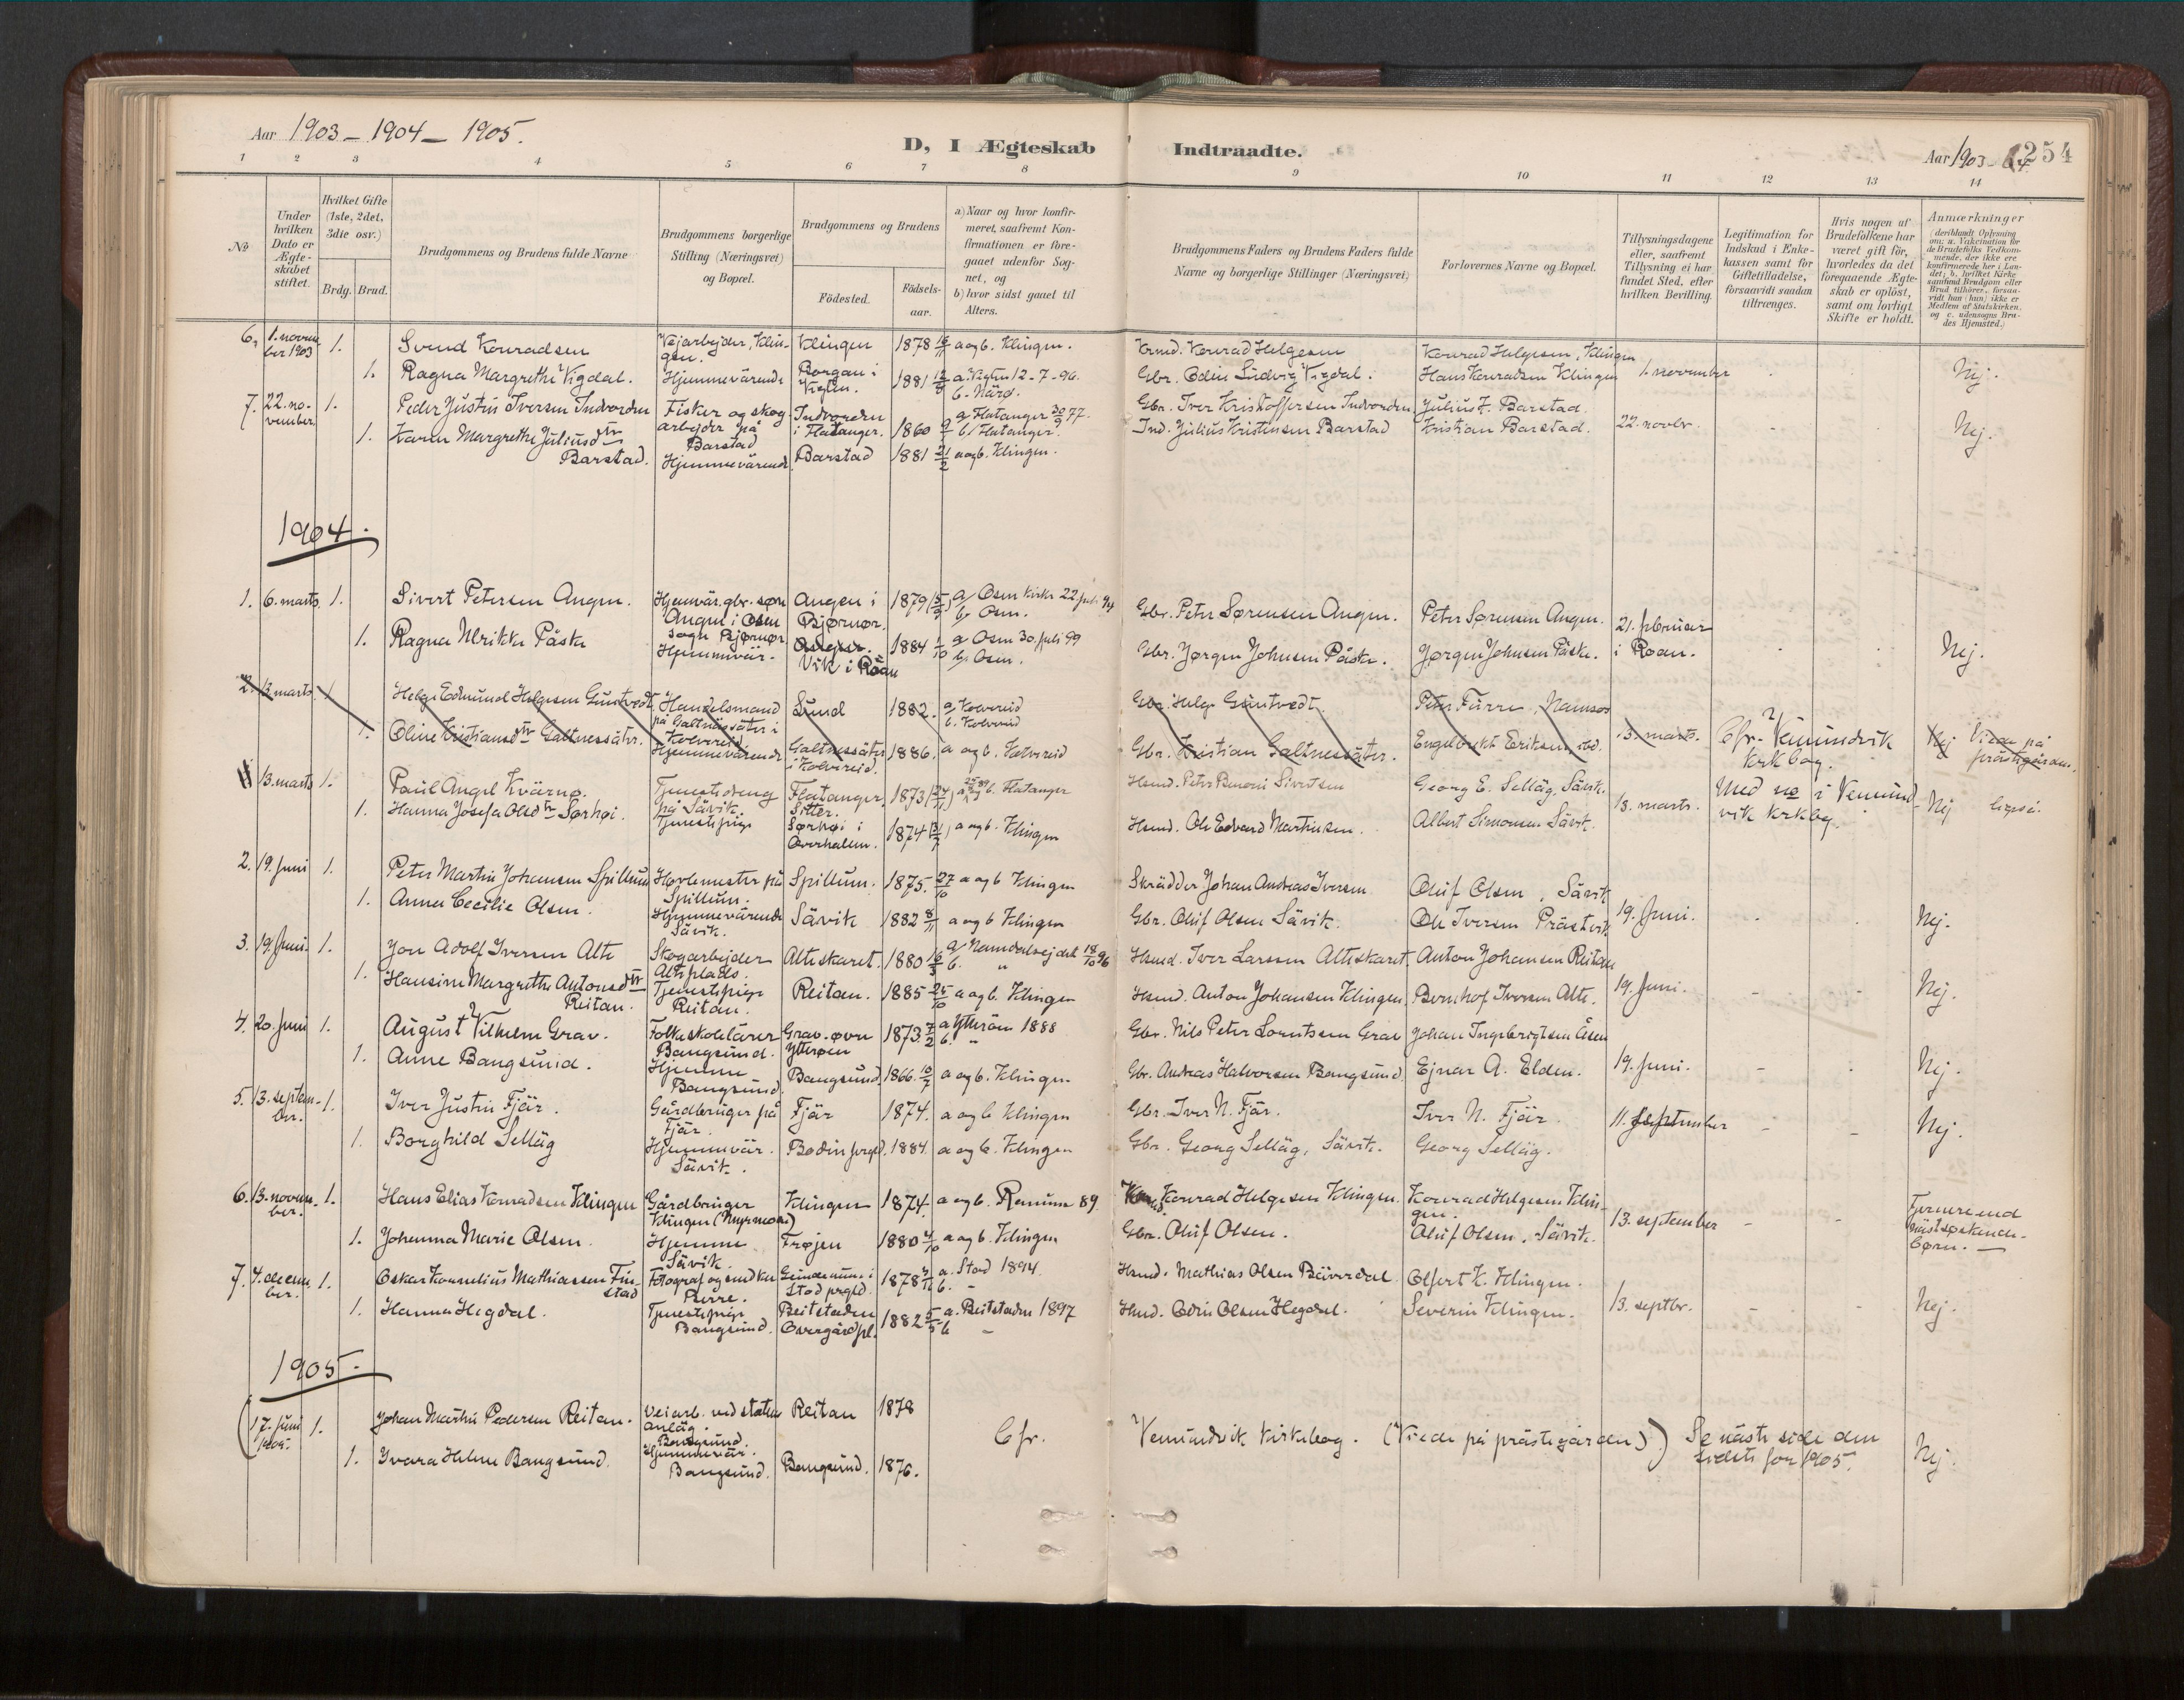 SAT, Ministerialprotokoller, klokkerbøker og fødselsregistre - Nord-Trøndelag, 770/L0589: Ministerialbok nr. 770A03, 1887-1929, s. 254